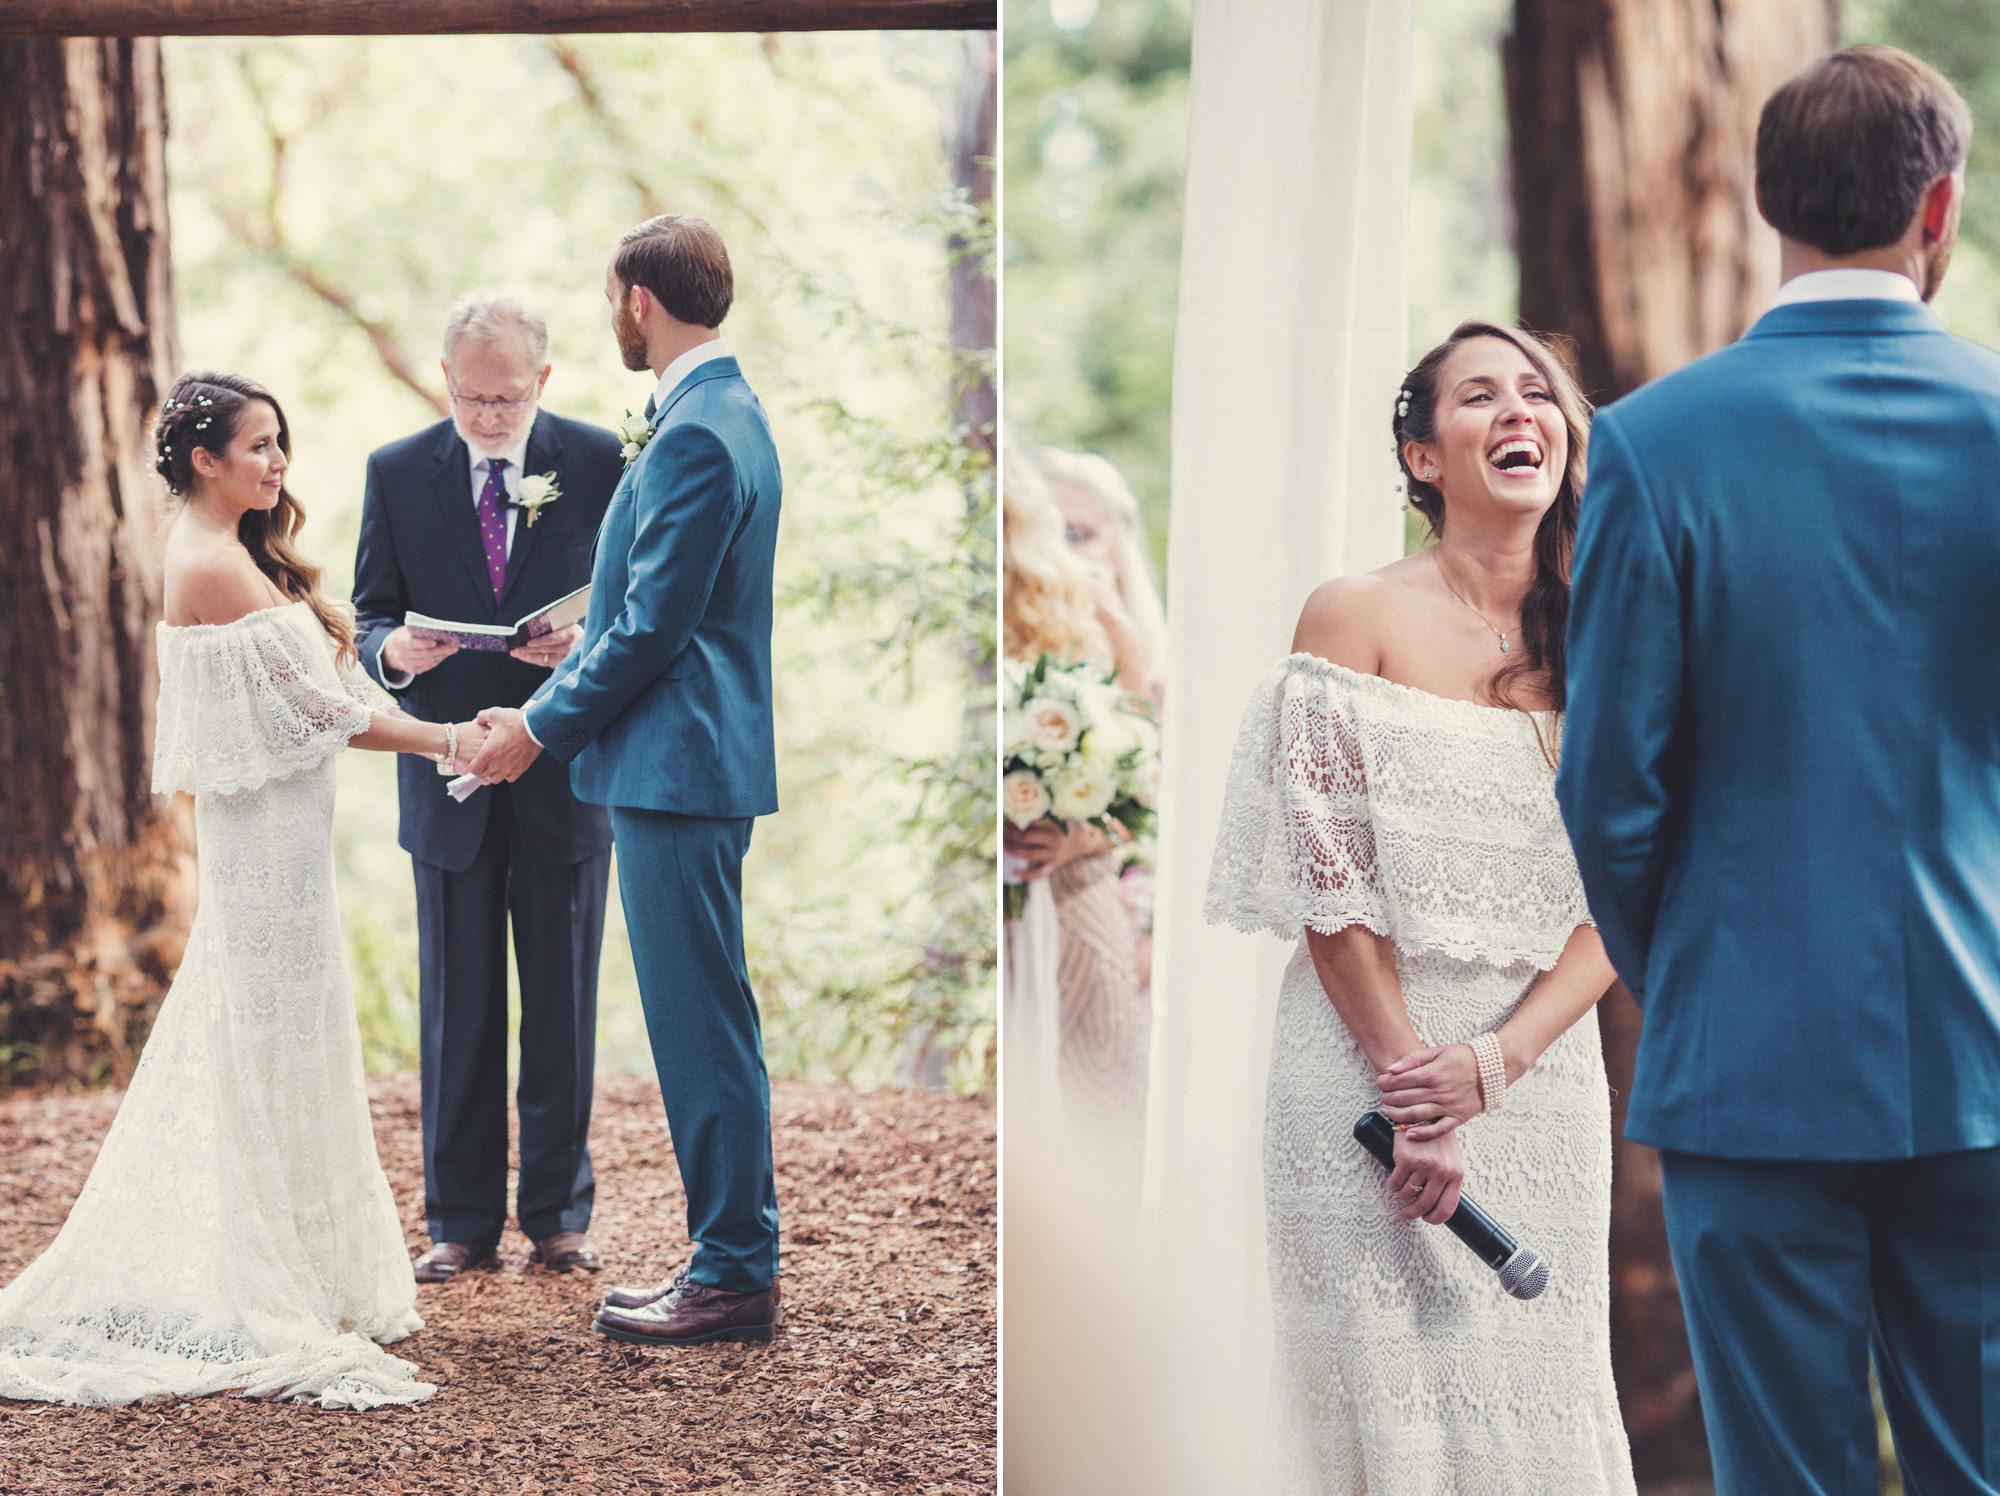 Sequoia Retreat Center Wedding@Anne-Claire Brun 70